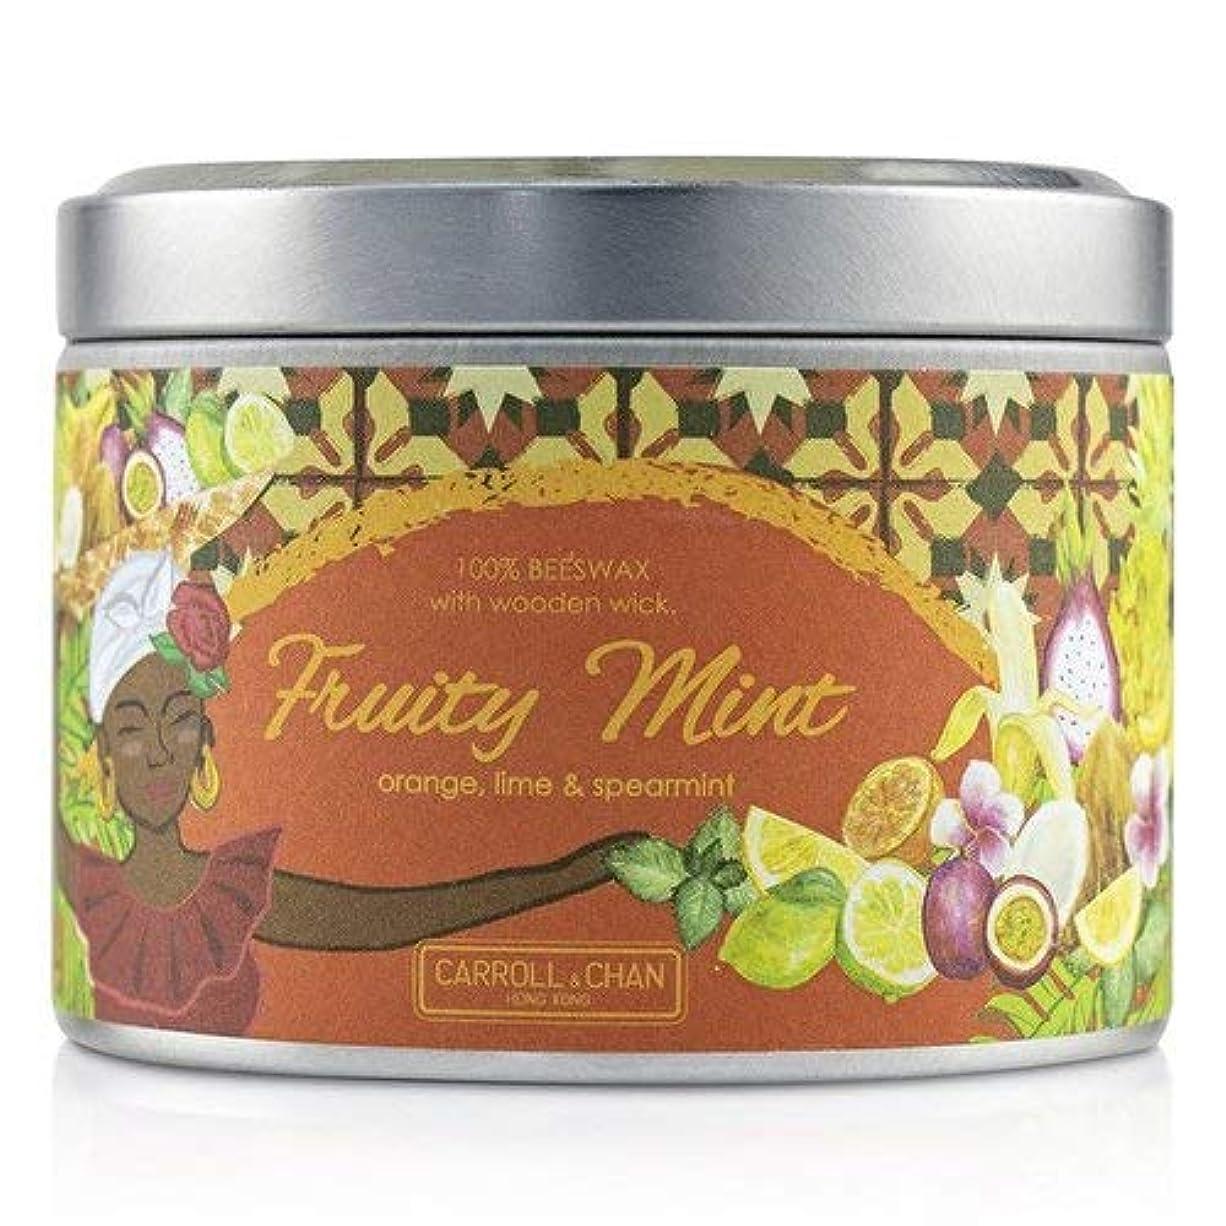 今後ぺディカブ種キャンドル?カンパニー Tin Can 100% Beeswax Candle with Wooden Wick - Fruity Mint (8x5) cm並行輸入品